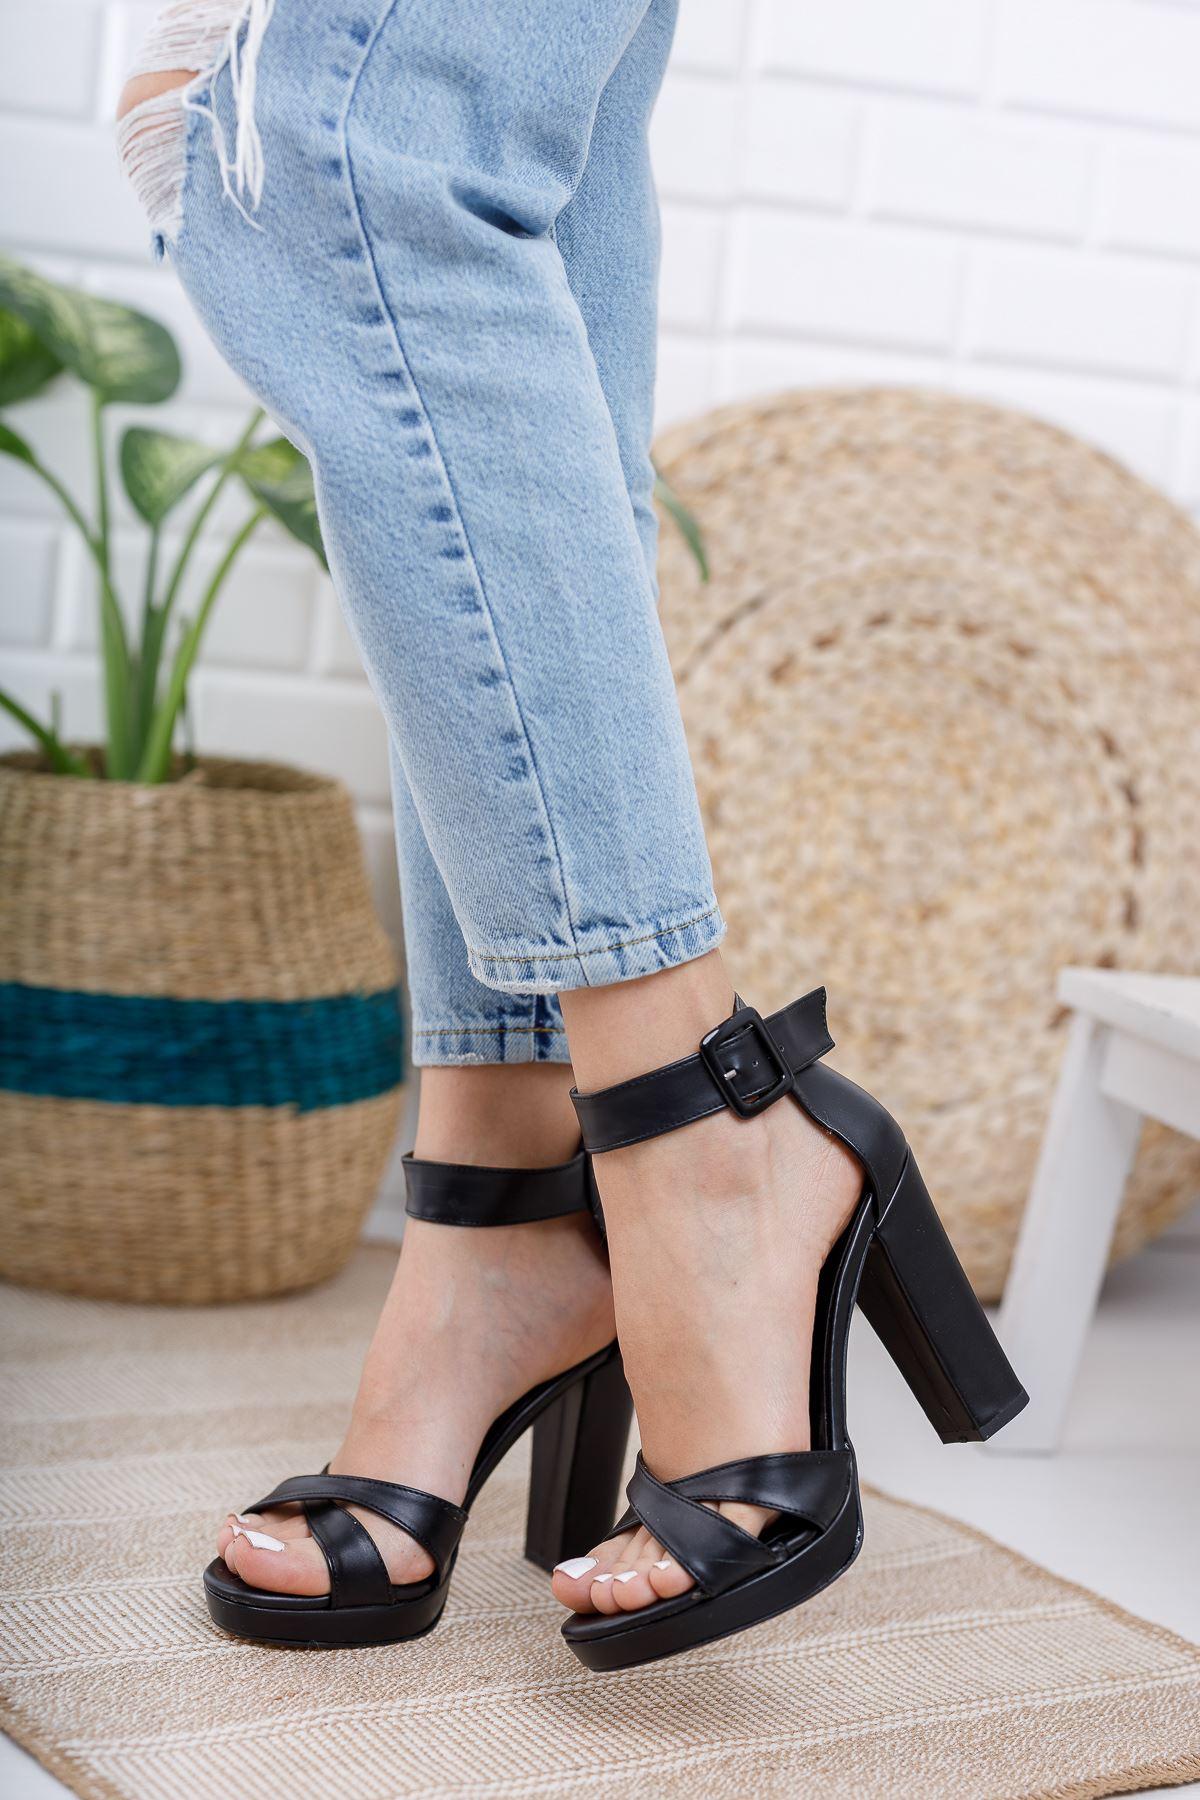 Kadın Loked Yüksek Topuklu Çapraz Bantlı Mat Deri Siyah Tek Bant Ayakkabı